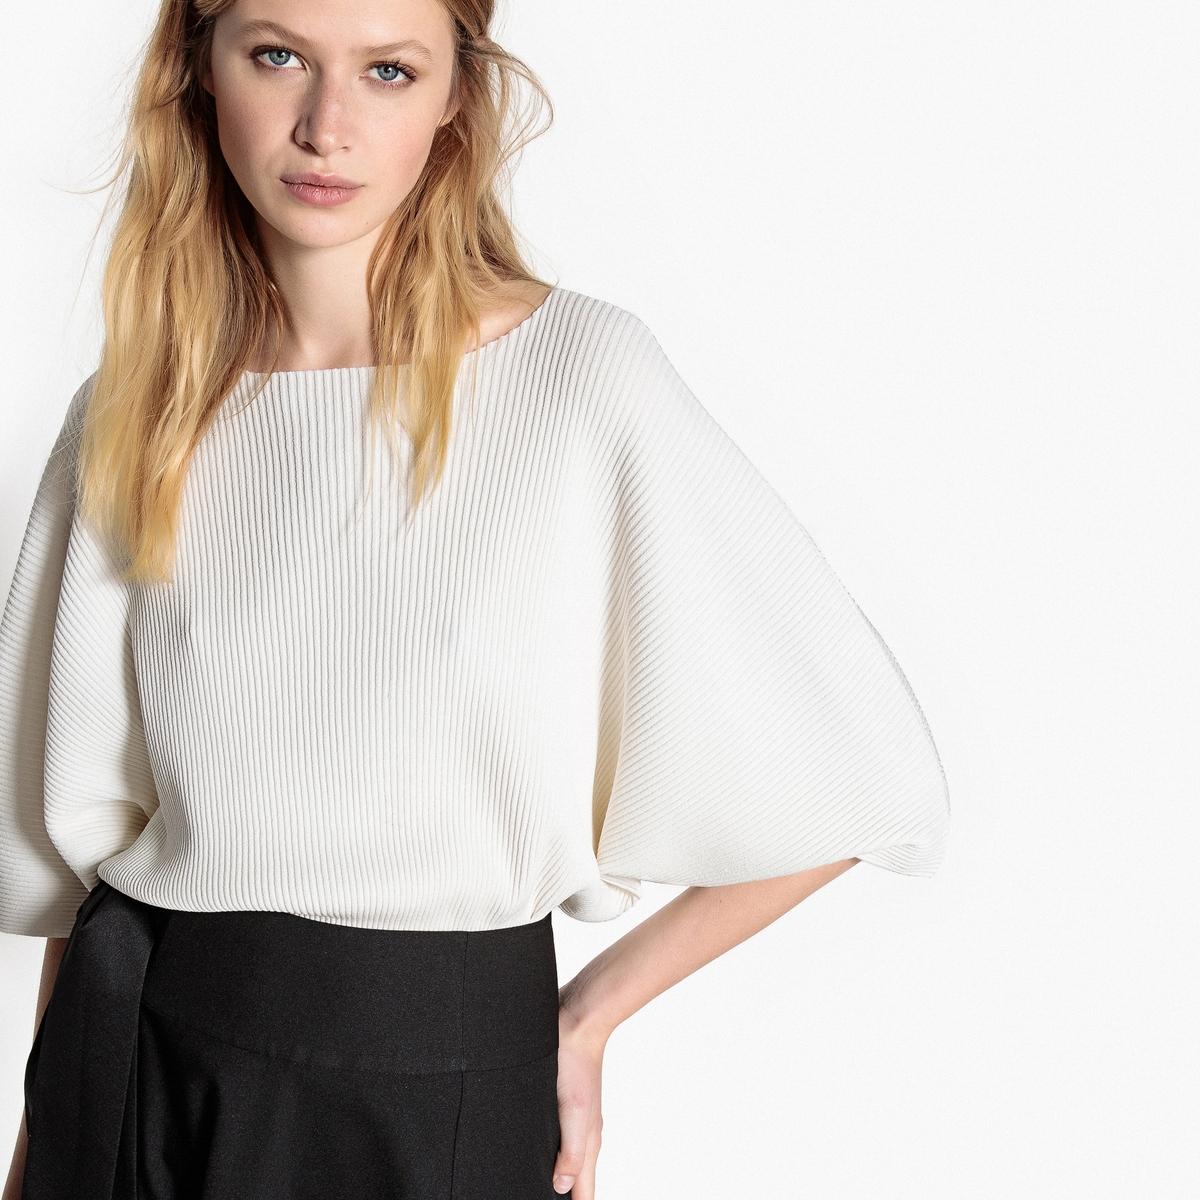 Пуловер La Redoute С вырезом-лодочкой из тонкого трикотажа L белый пуловер la redoute с вырезом лодочкой из тонкого трикотажа m красный